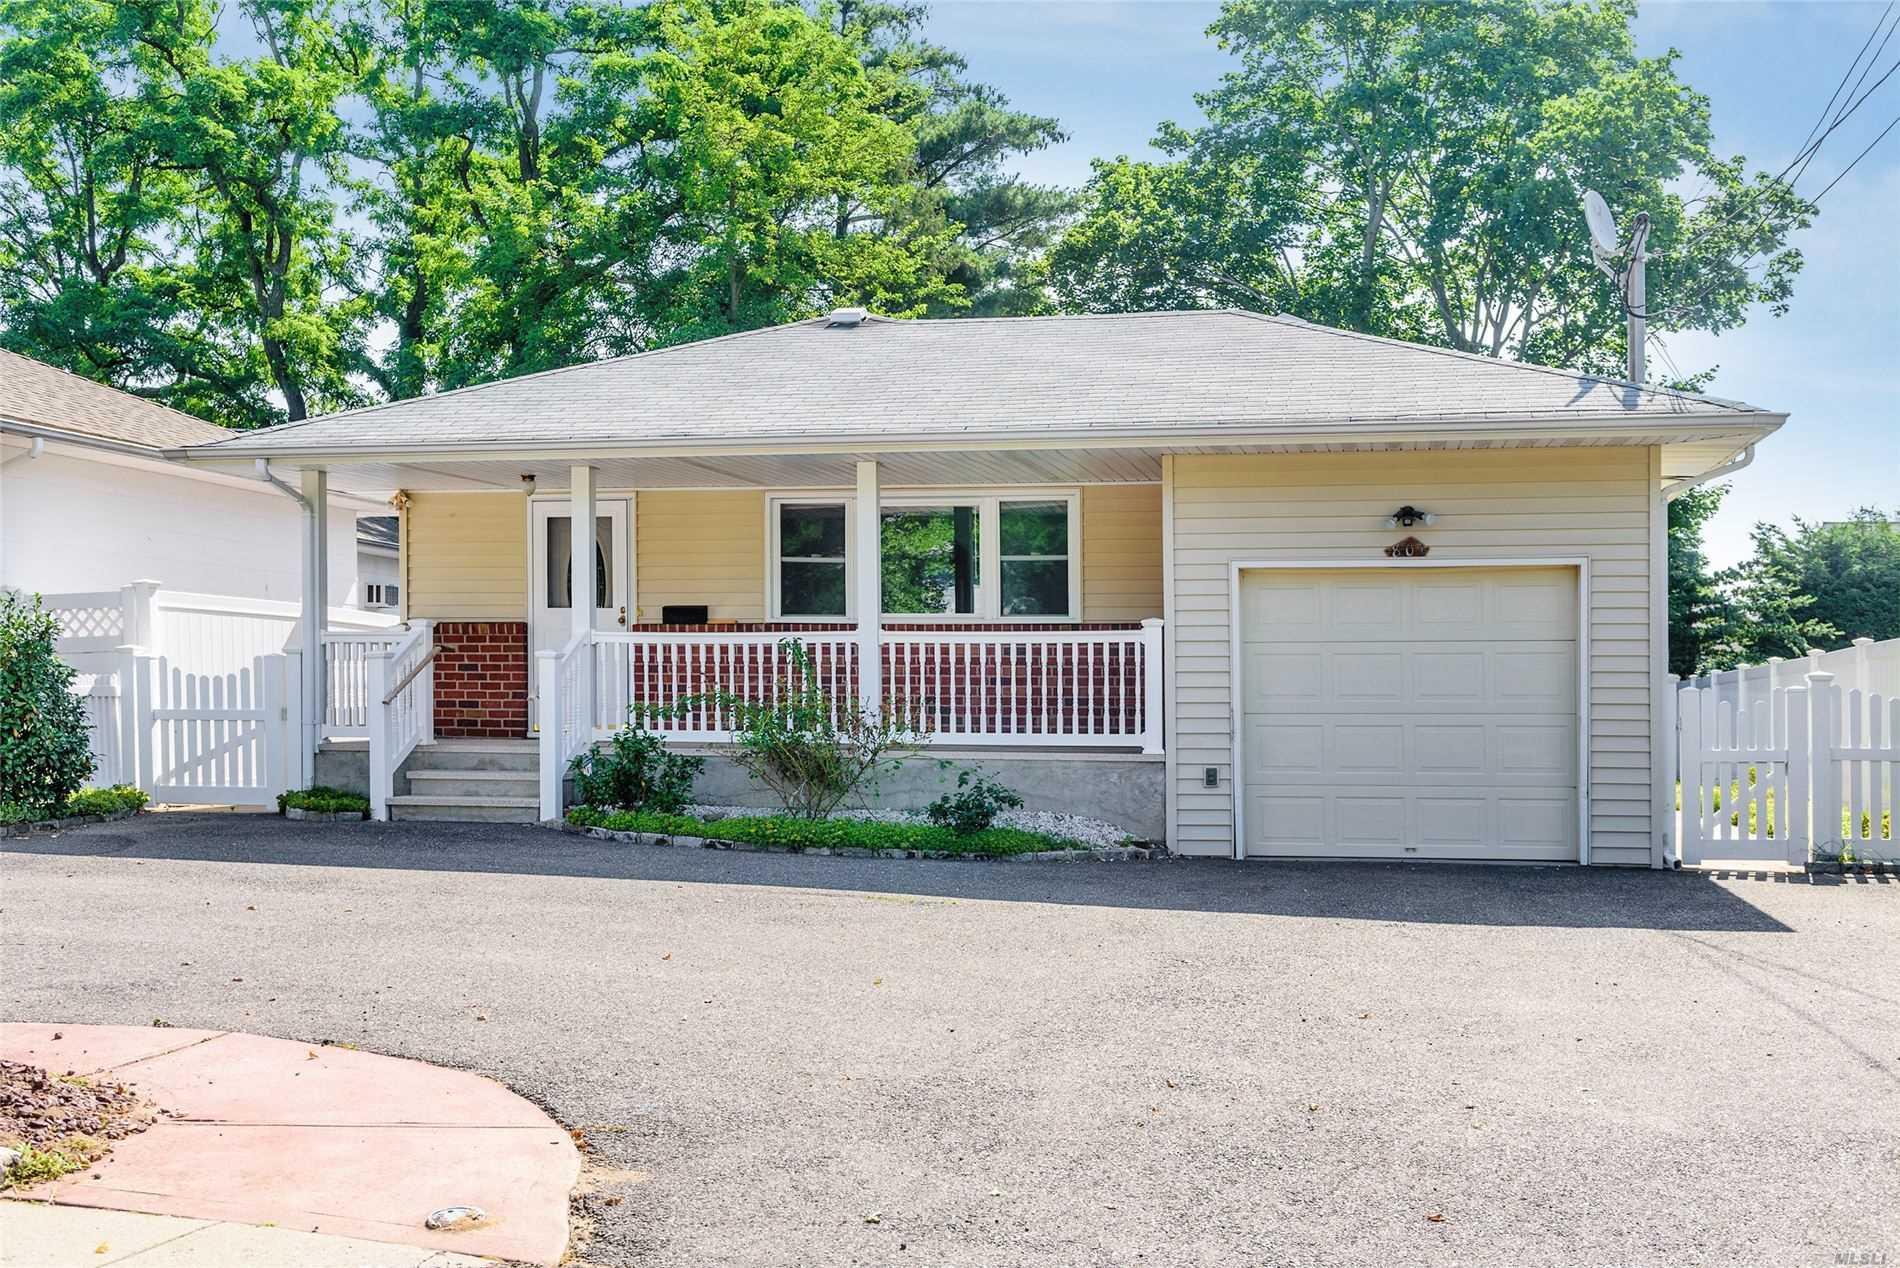 801 Newbridge Rd - N. Bellmore, New York